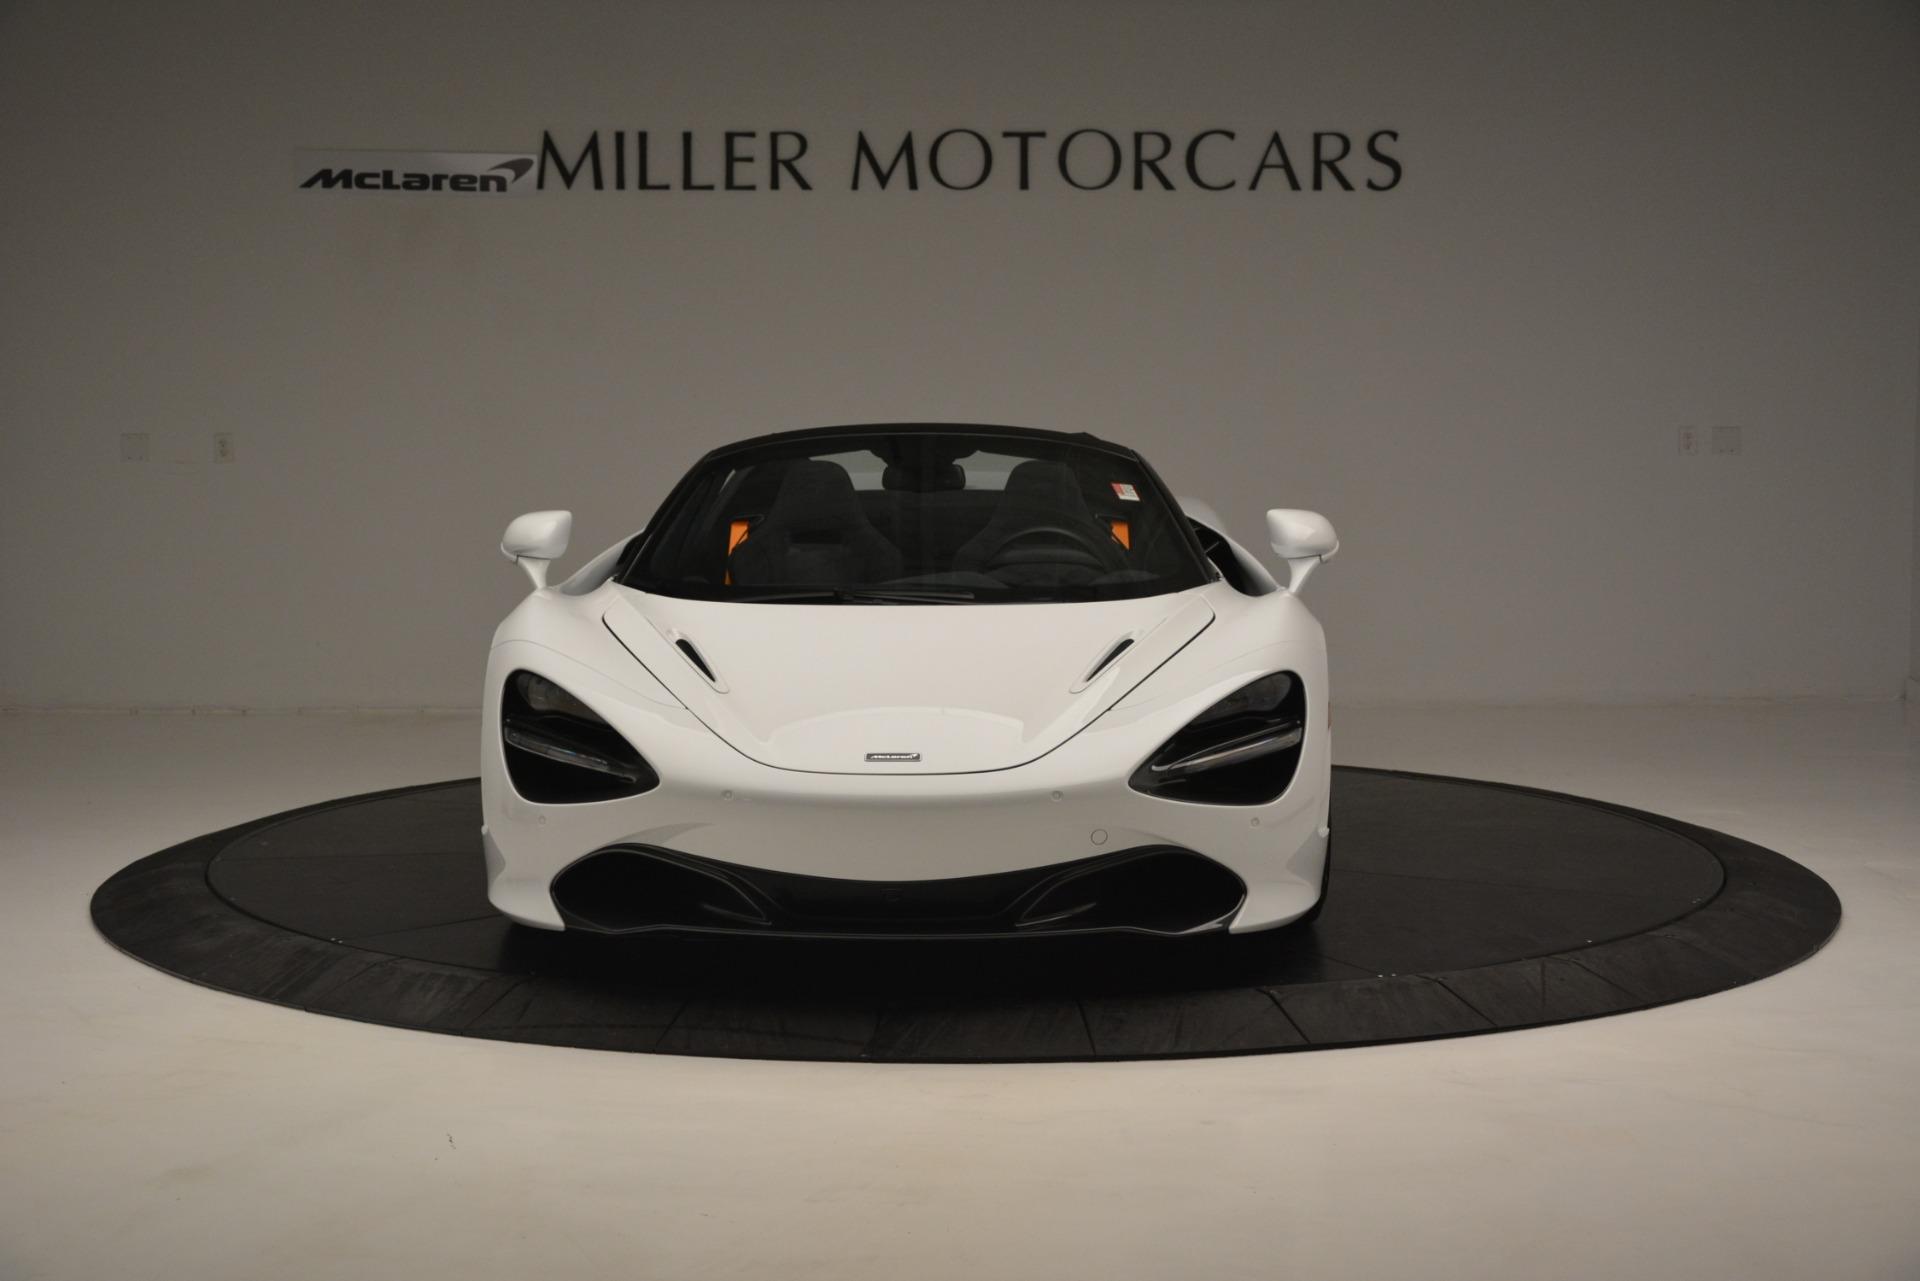 New 2020 McLaren 720S Spider Convertible For Sale In Westport, CT 3229_p10